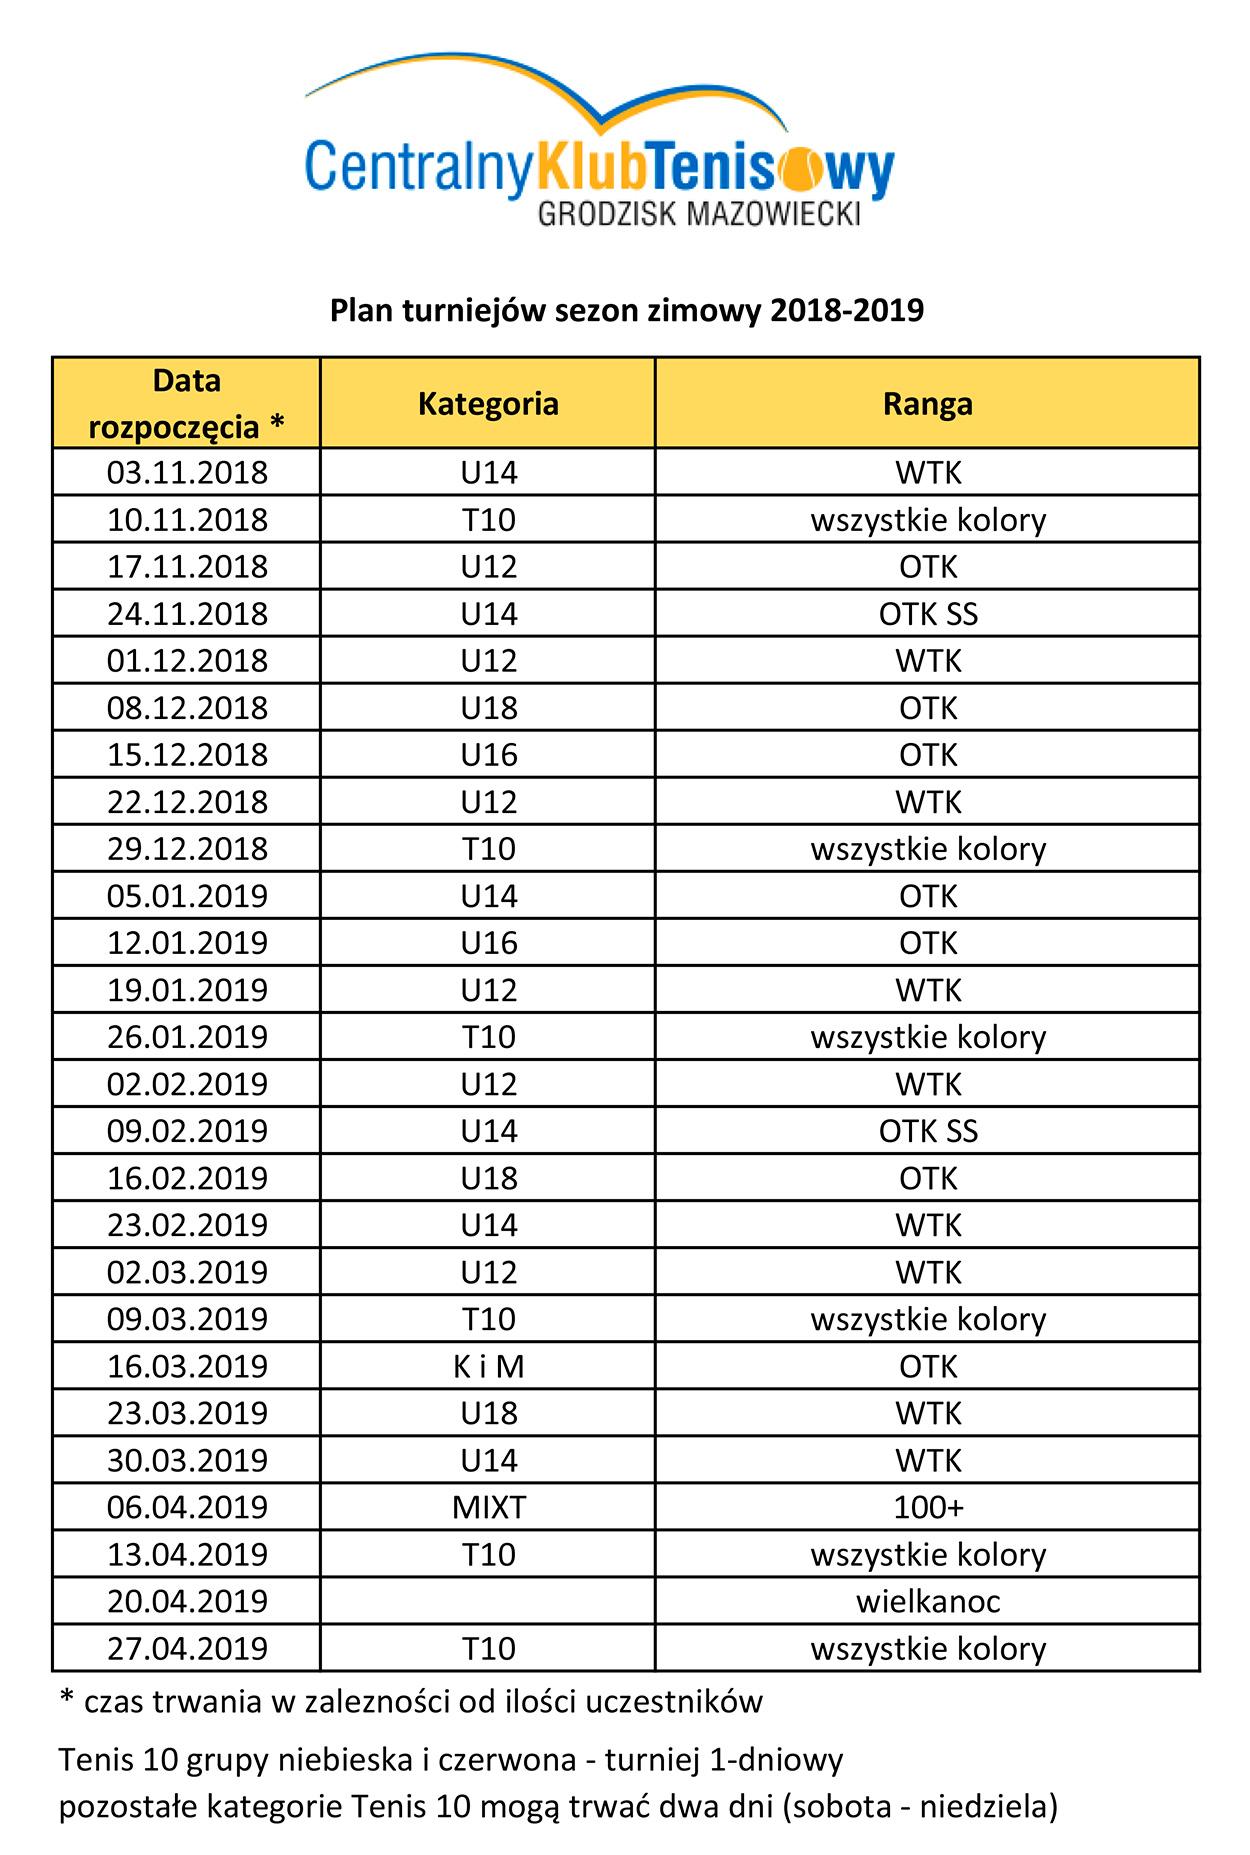 Plan turniejów zima 2018-2019